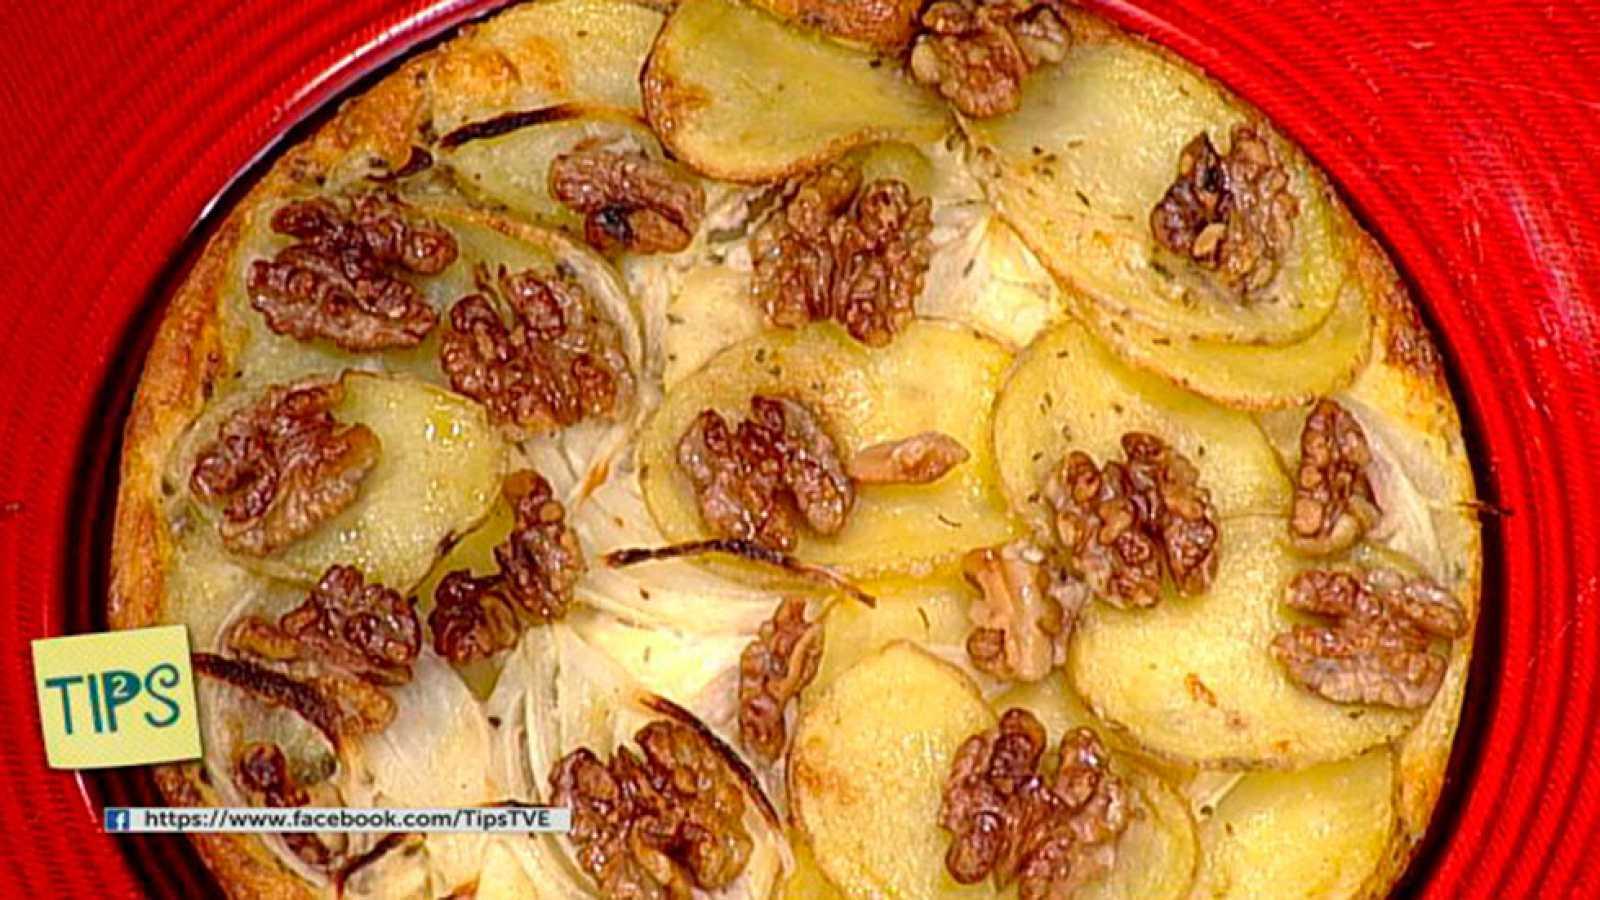 TIPS - Cocina - Gratén de patatas y nueces